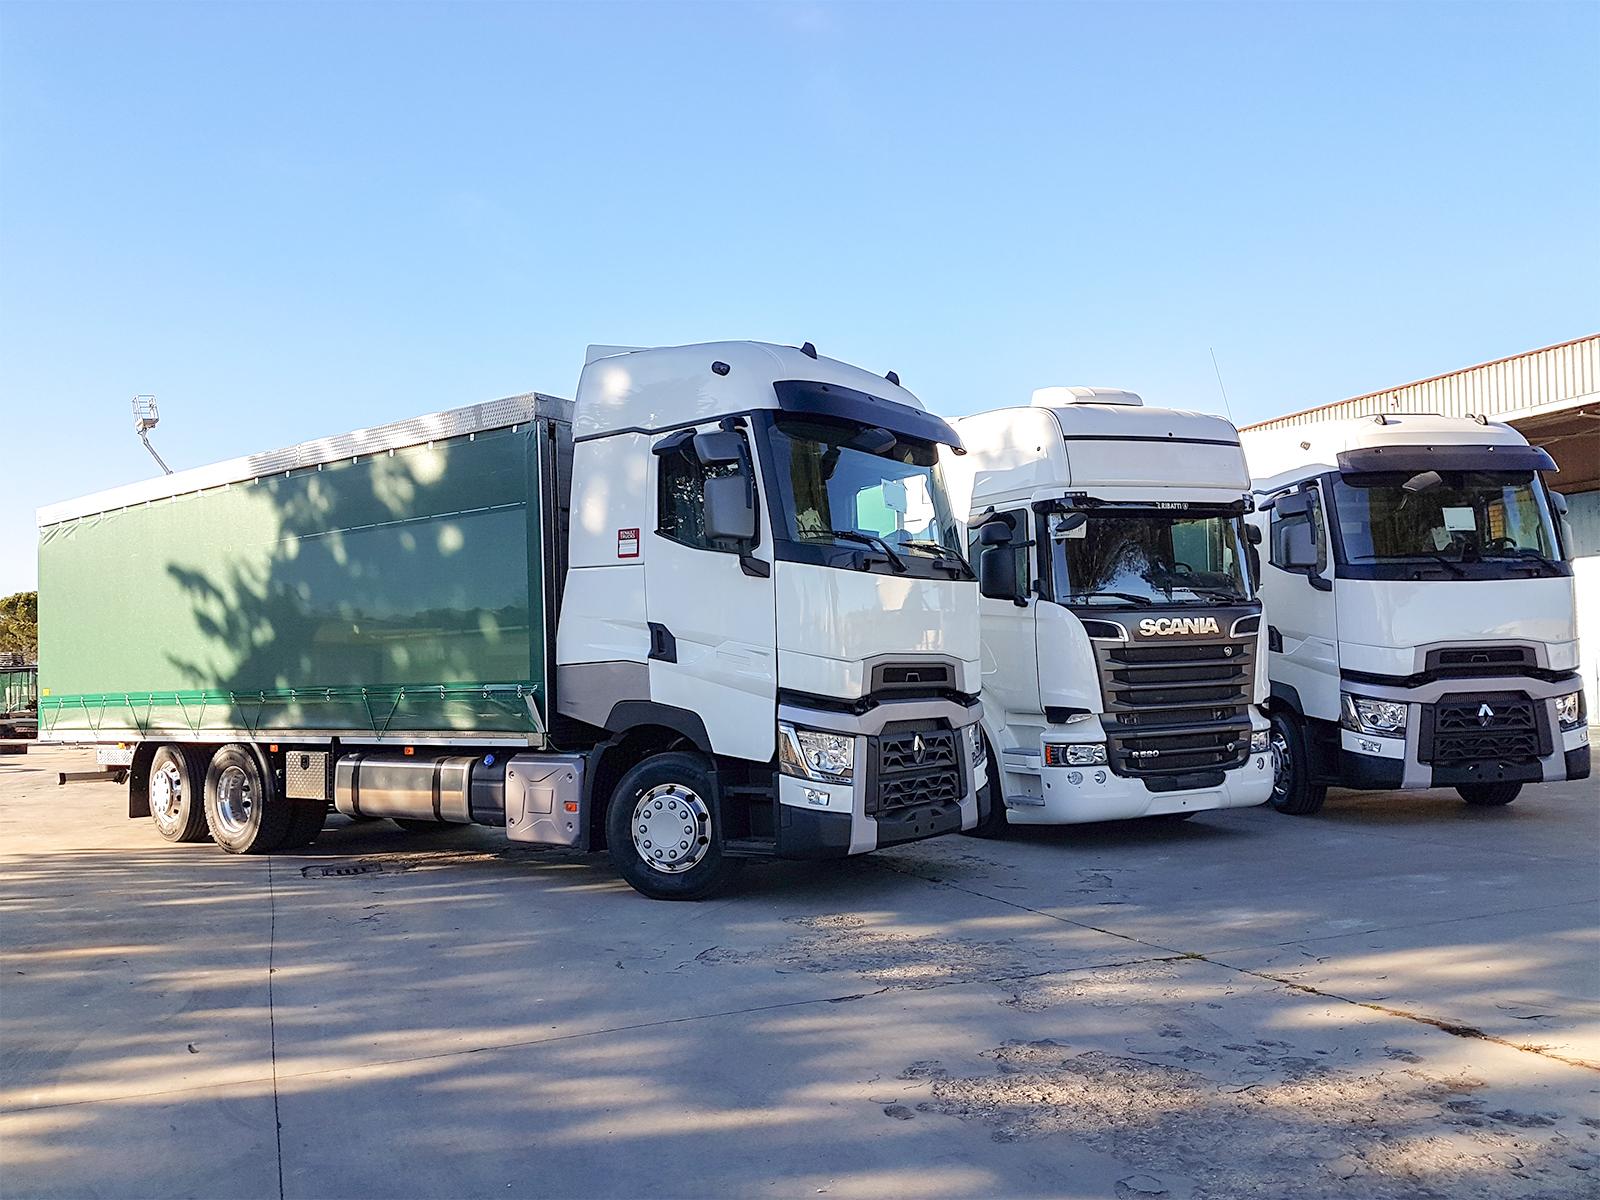 Realizzazione di camio per trasporto animali vivi di FAC Allestimenti